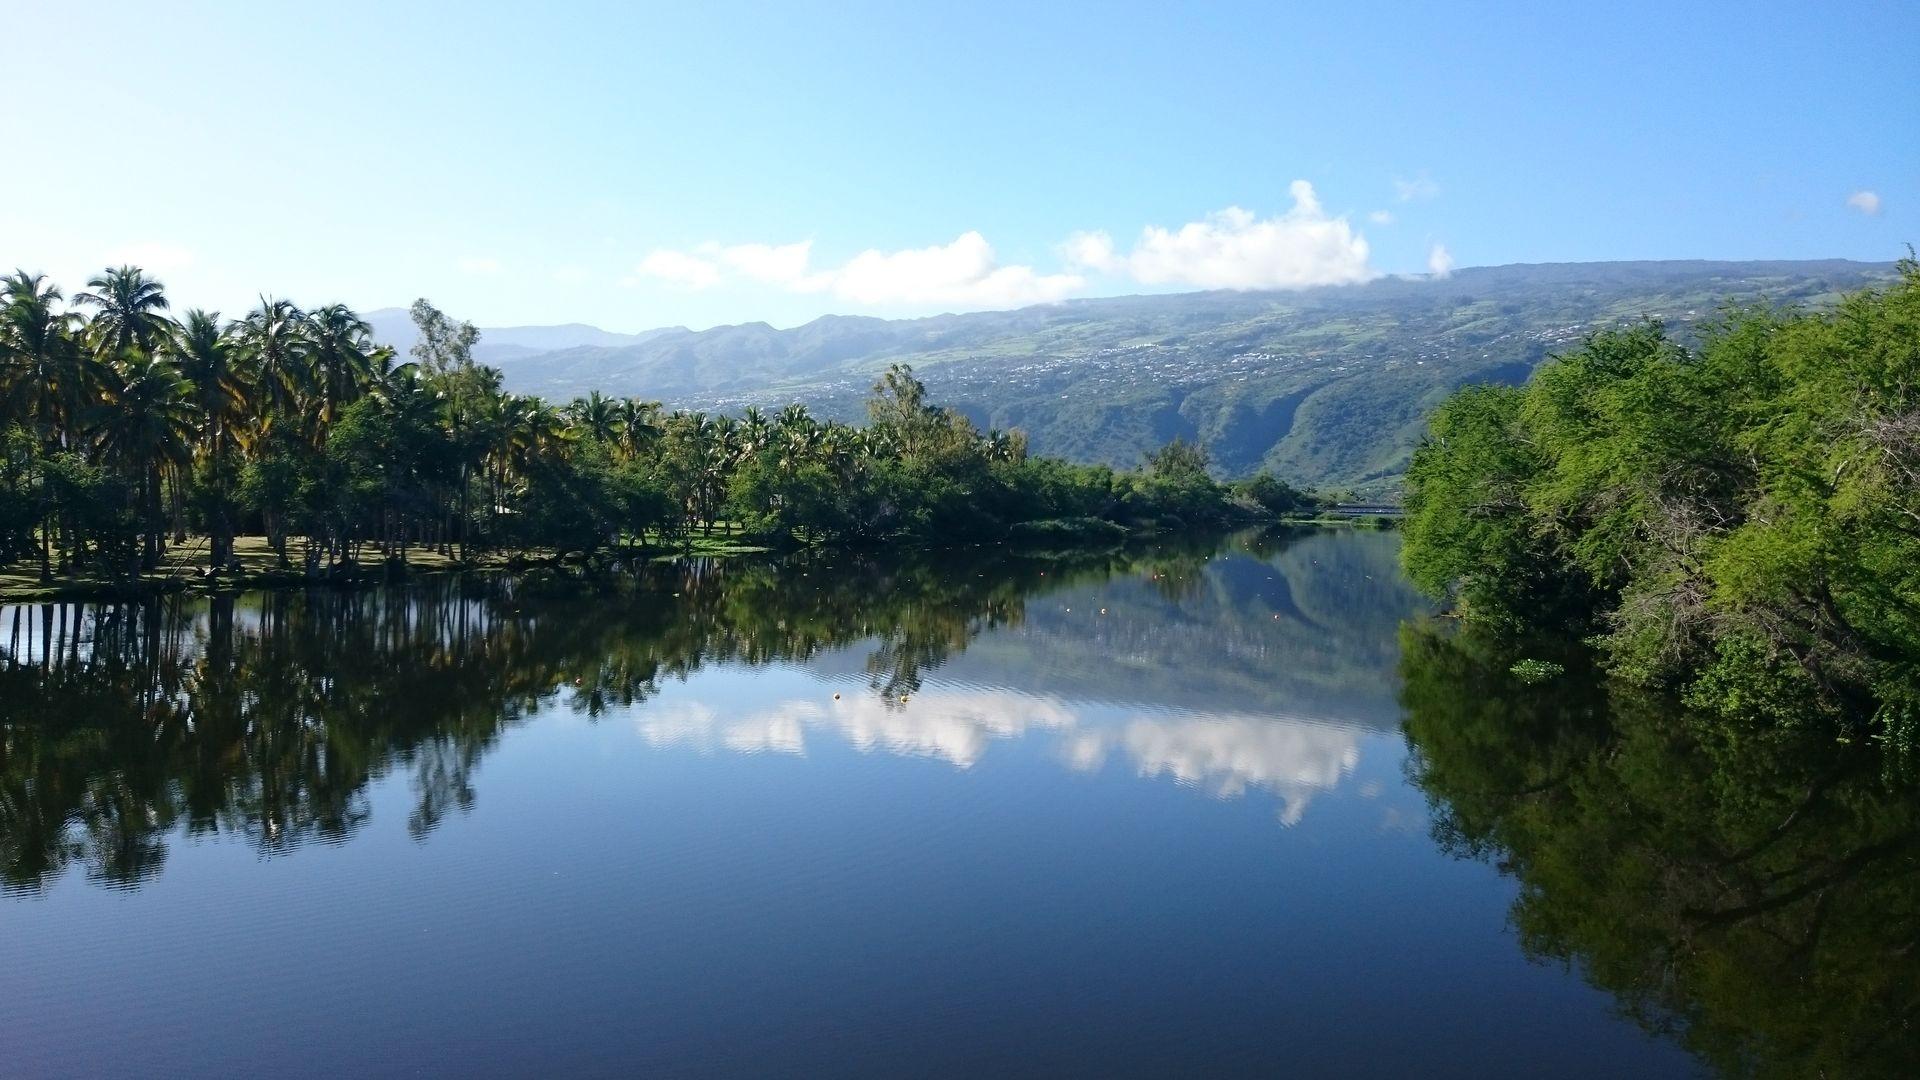 VISITE LIBRE EN KAYAK SUR L'AVAL DE L'ETANG, les randonnées et les visites guidées, Agenda, Saint-Paul, Office de Tourisme de La Réunion, Ouest La Réunion 974